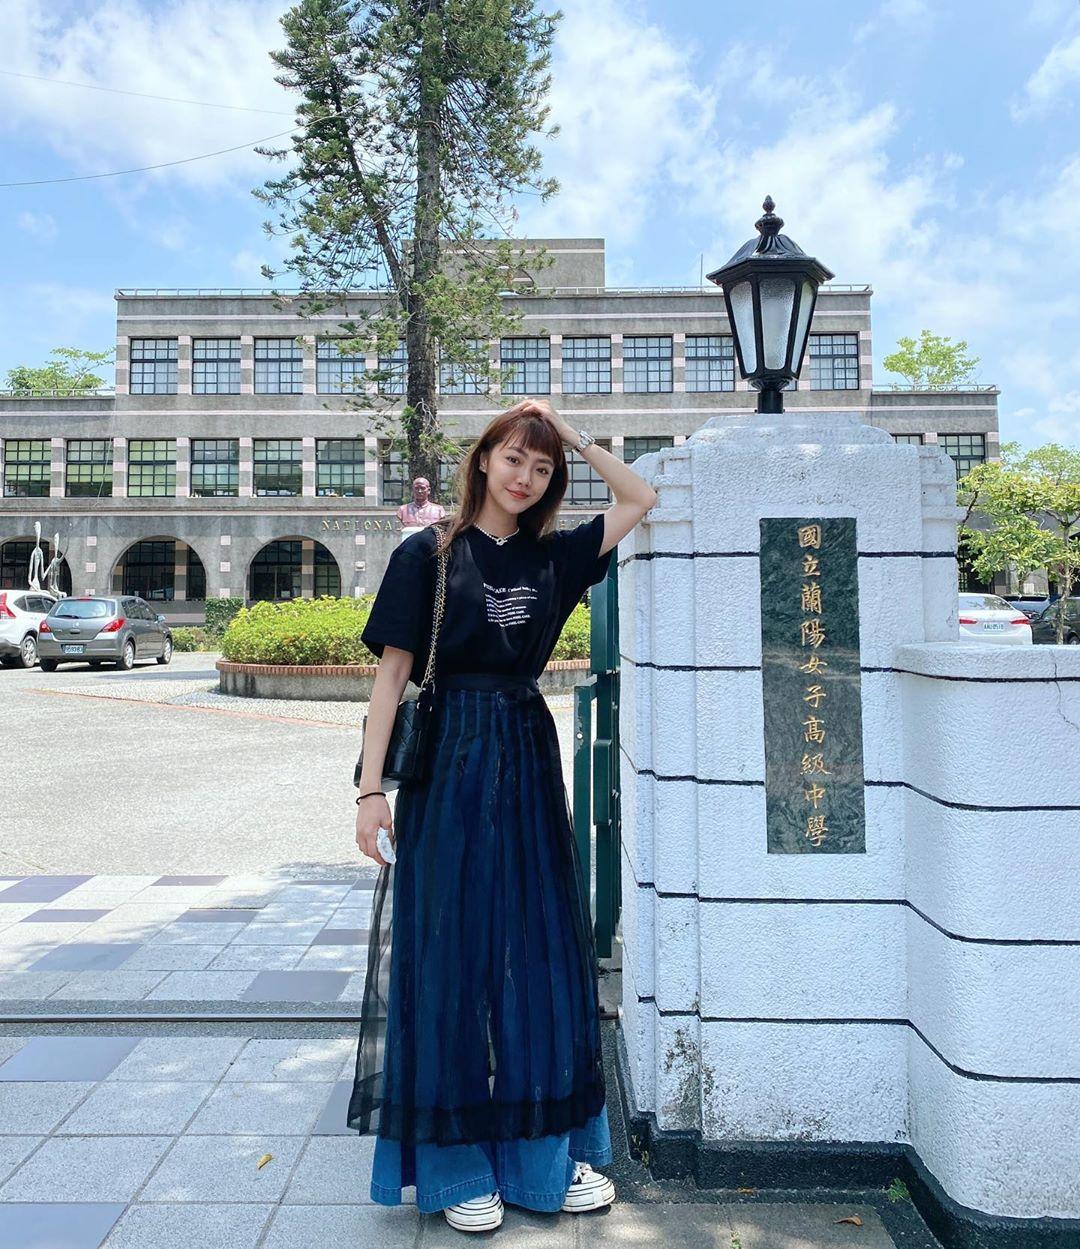 Cô gái phối đồ phong cách streetwear với áo thun đen, quần jeans rộng và chân váy xuyên thấu